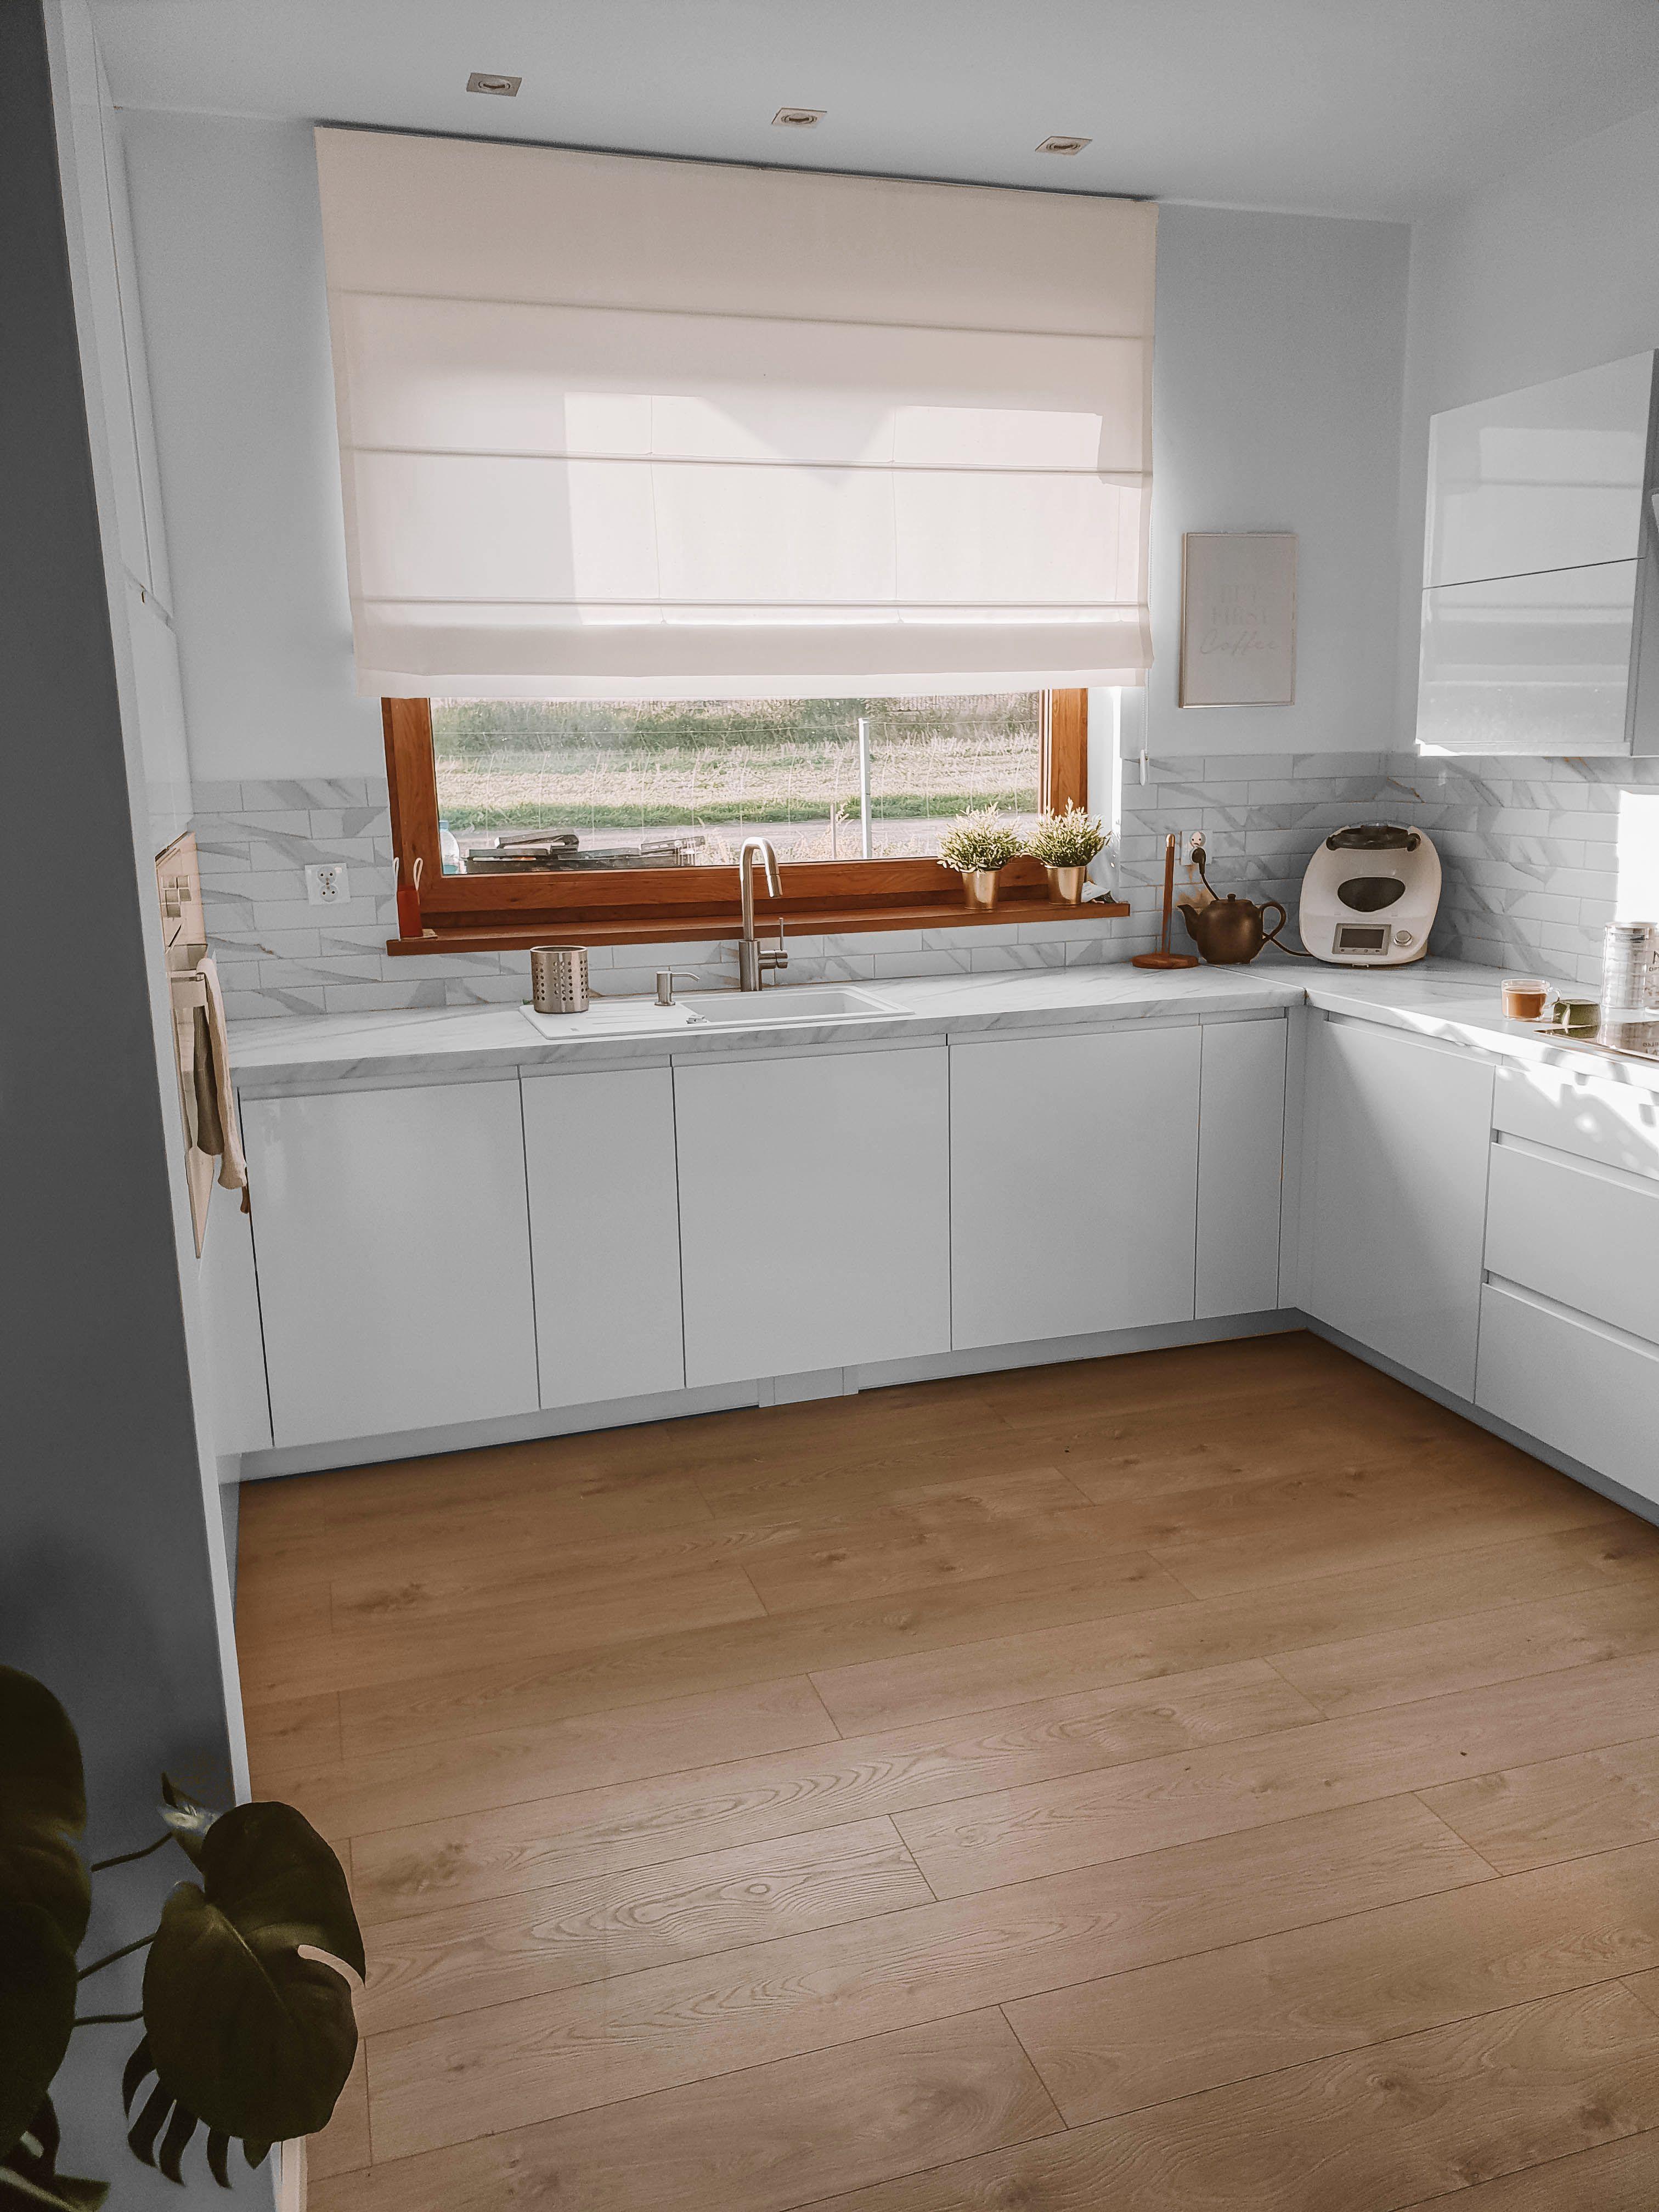 Jasna Roleta Rzymska W Kuchni Nasze Domowe Pielesze Kitchen Cabinets Home Decor Home